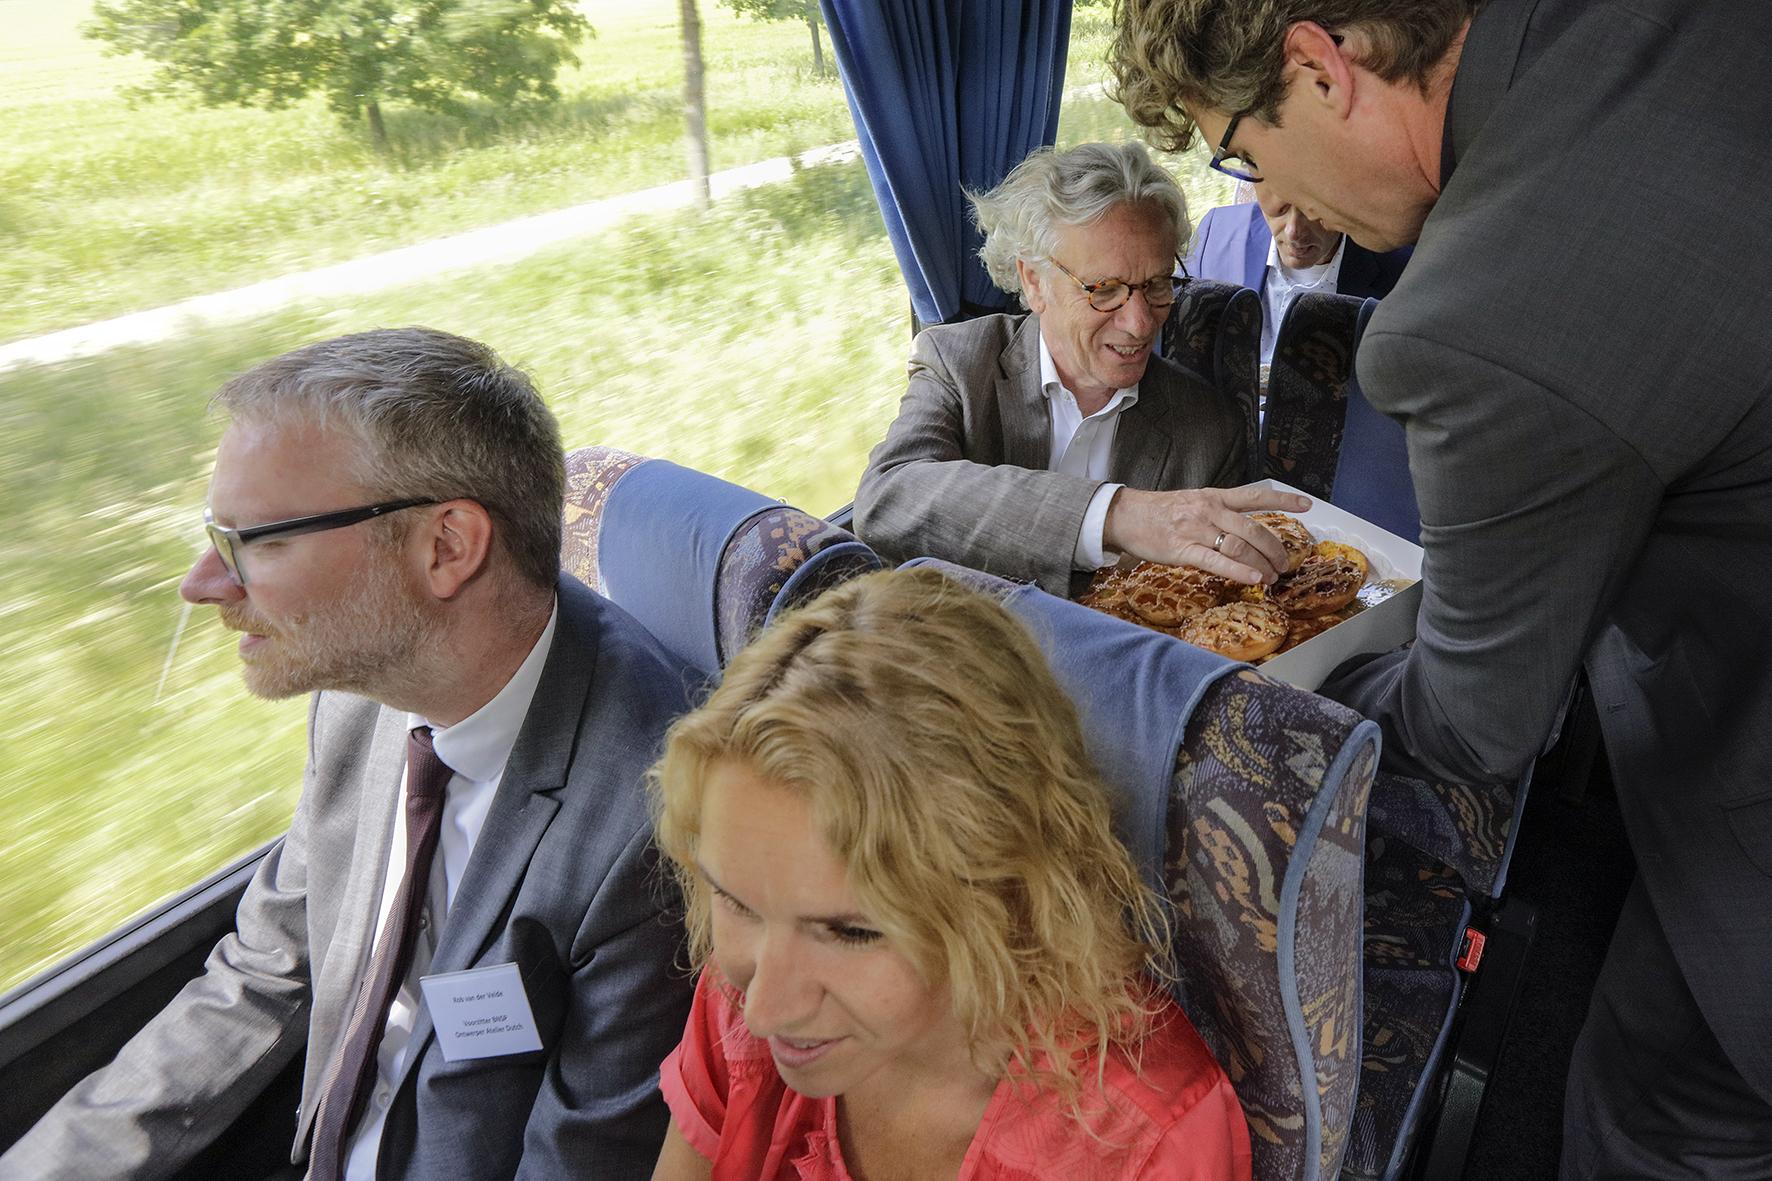 Burgemeesters excursie Sittard Stein (10)